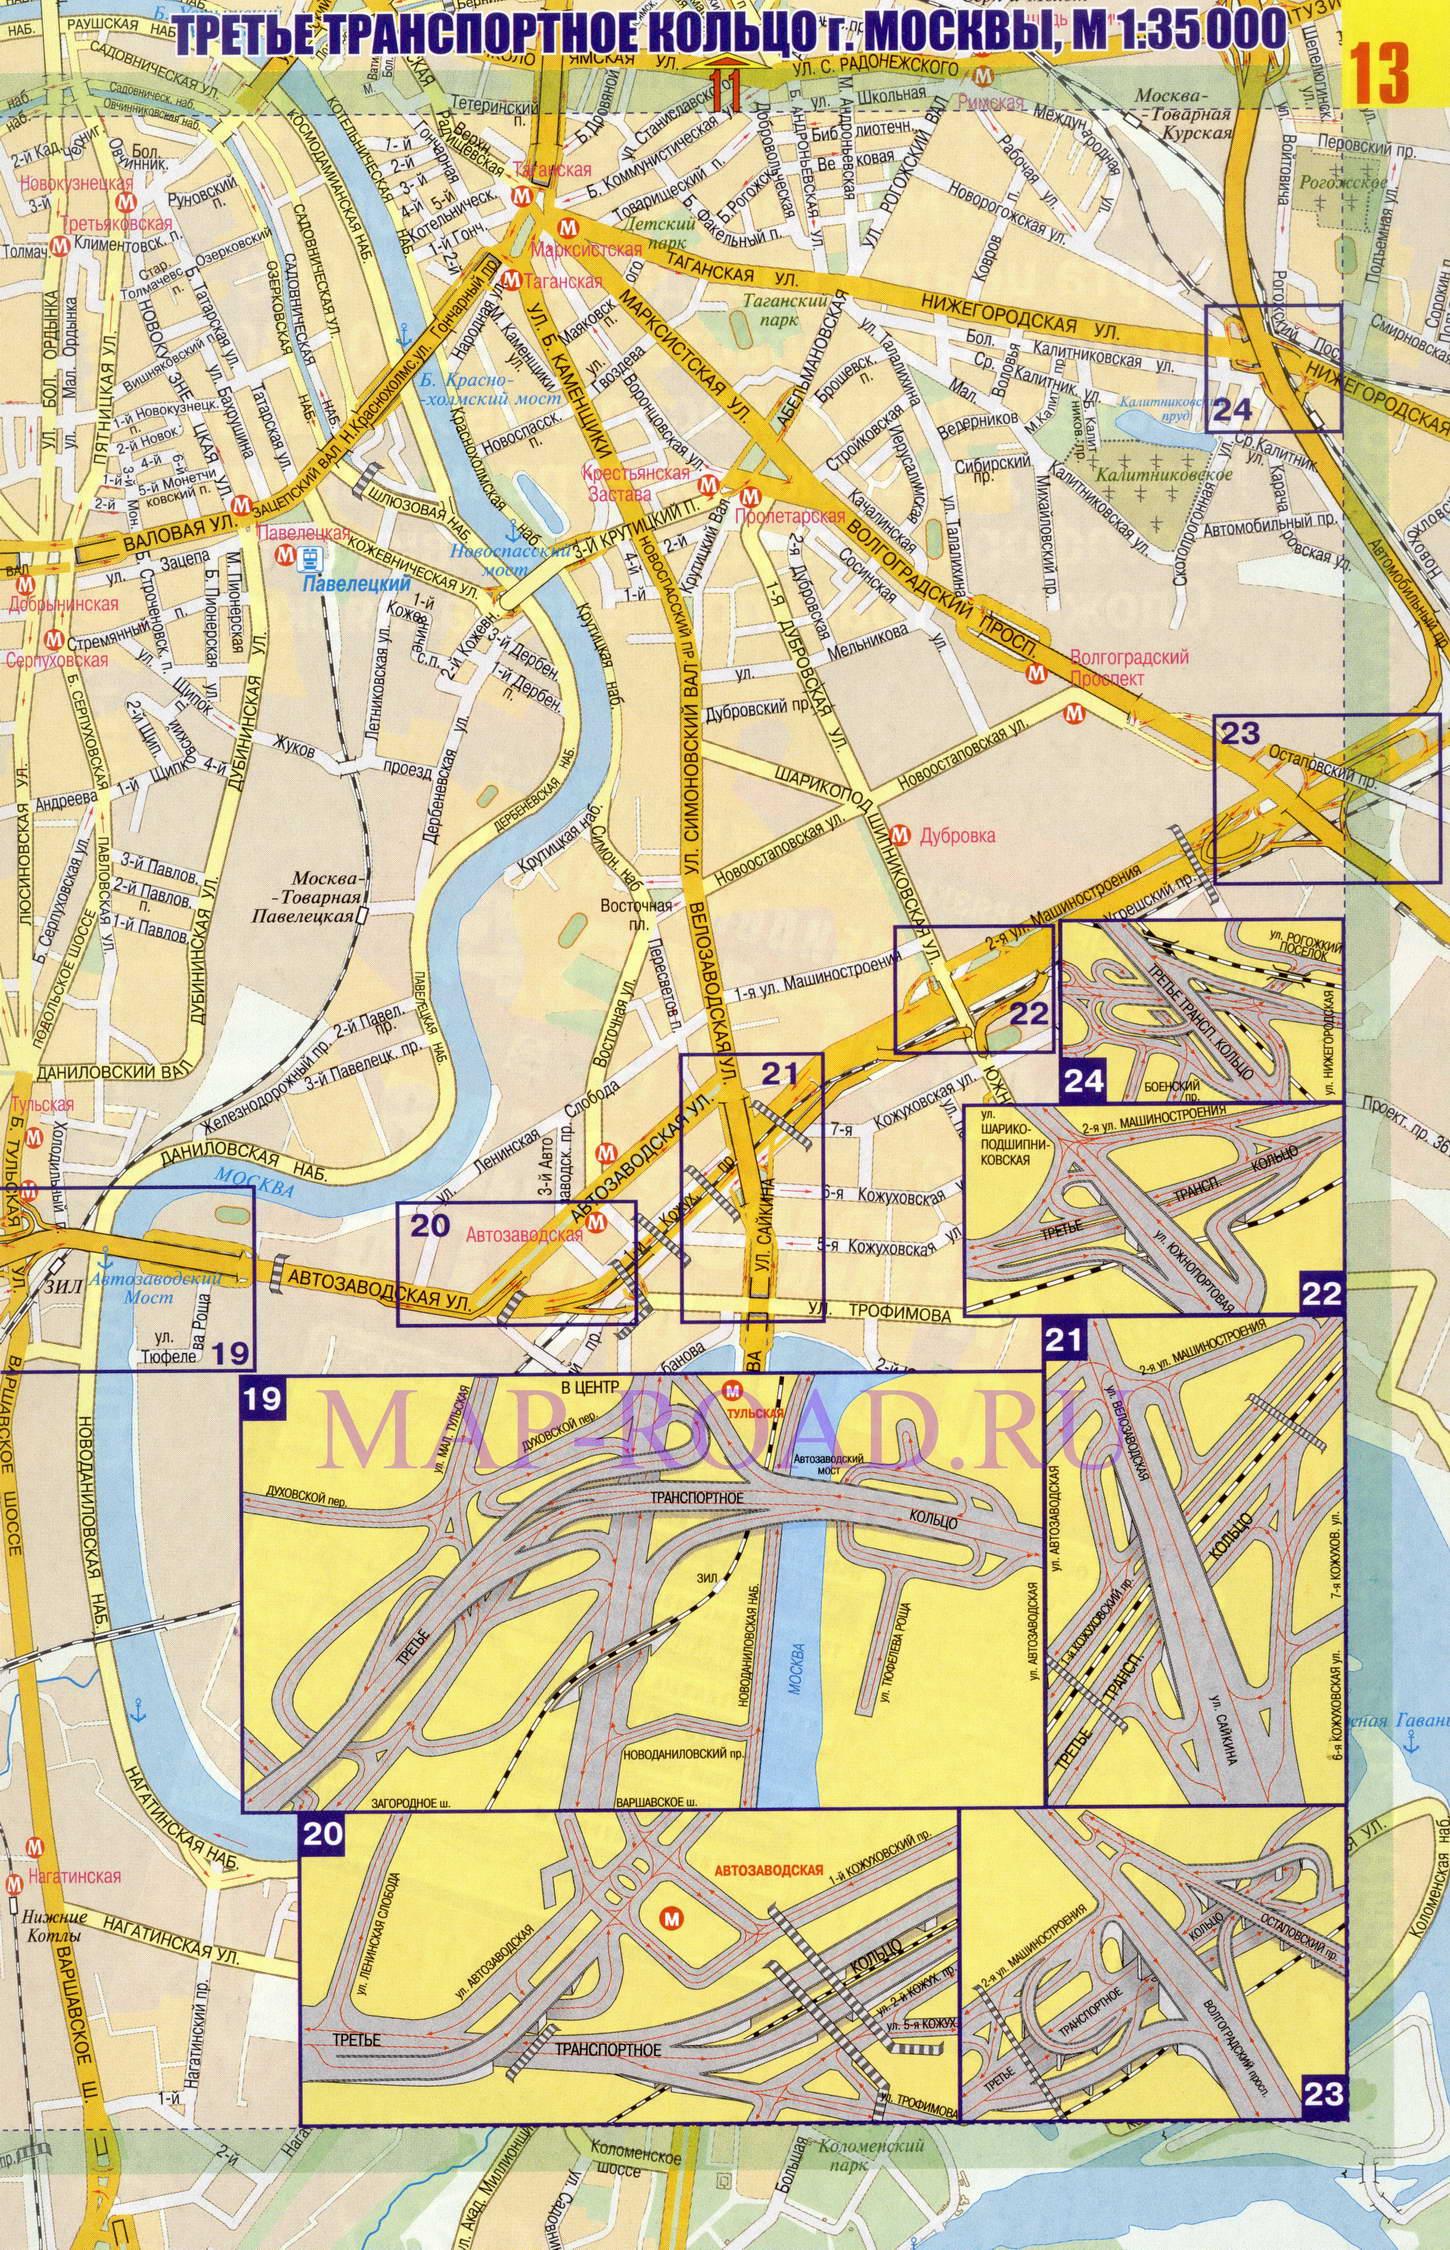 Автомобильная карта Москвы с развязками на третьем транспортном кольце.